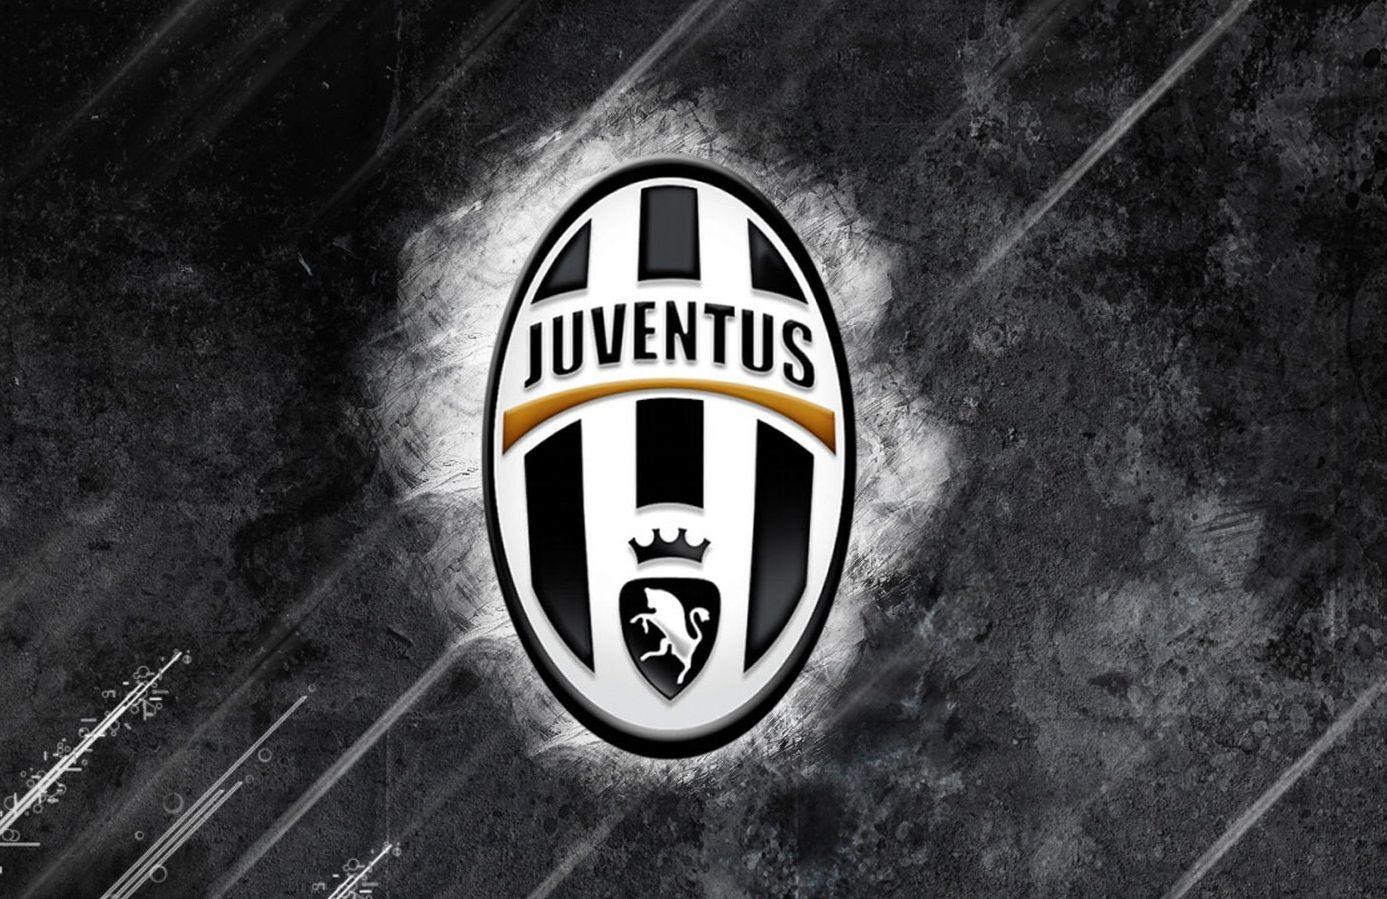 Juventus Logo Jpg 1387 899 With Images Juventus Juventus